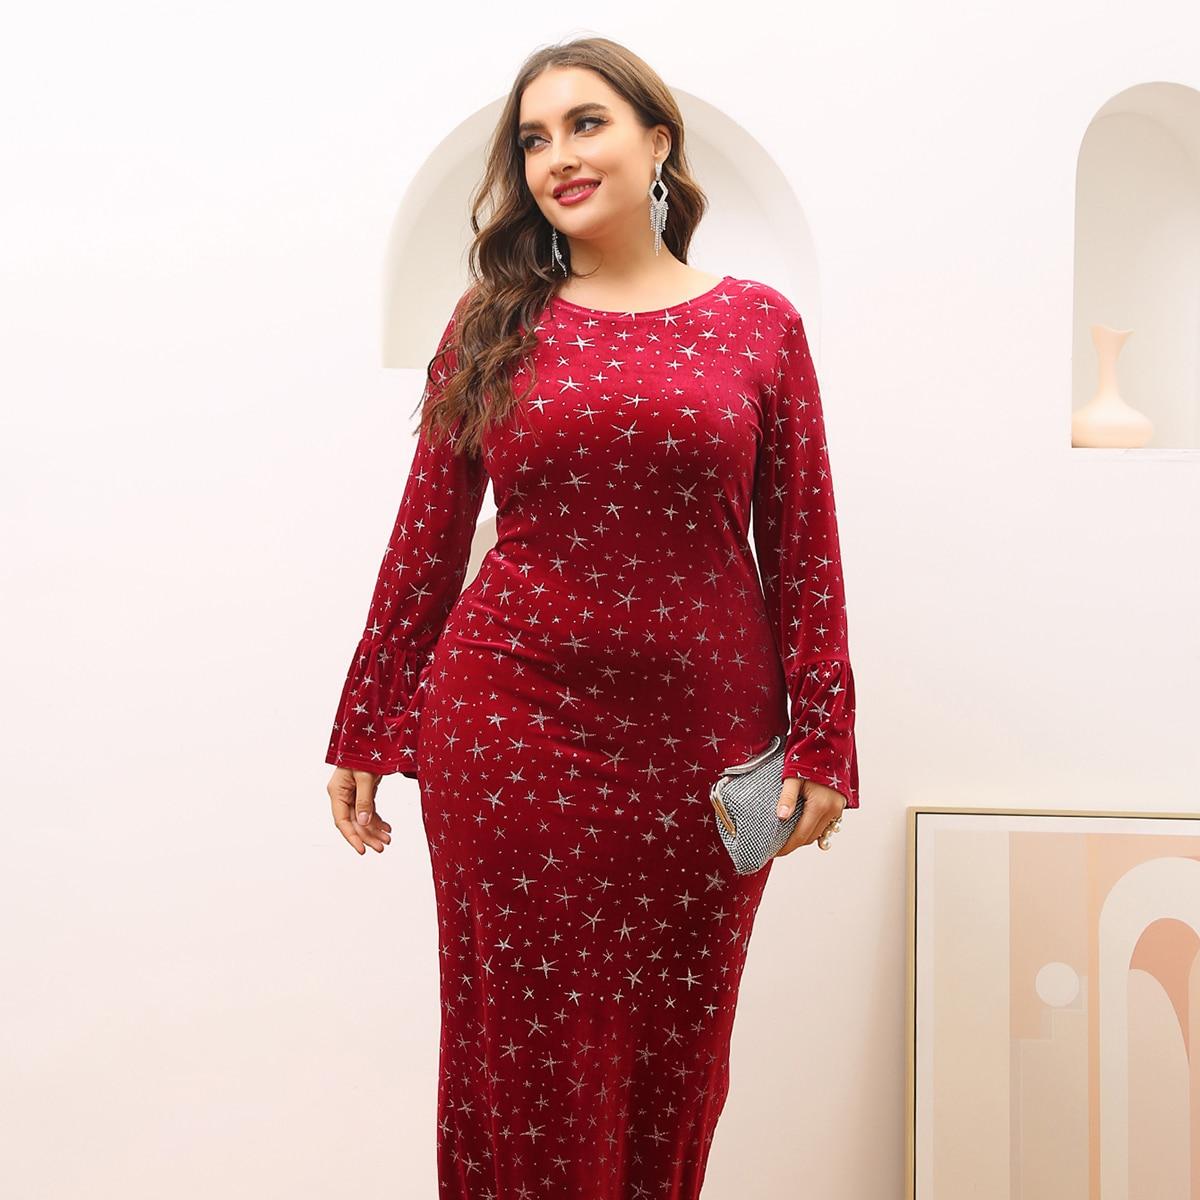 Бархатное облегающее платье размера плюс с принтом звезды